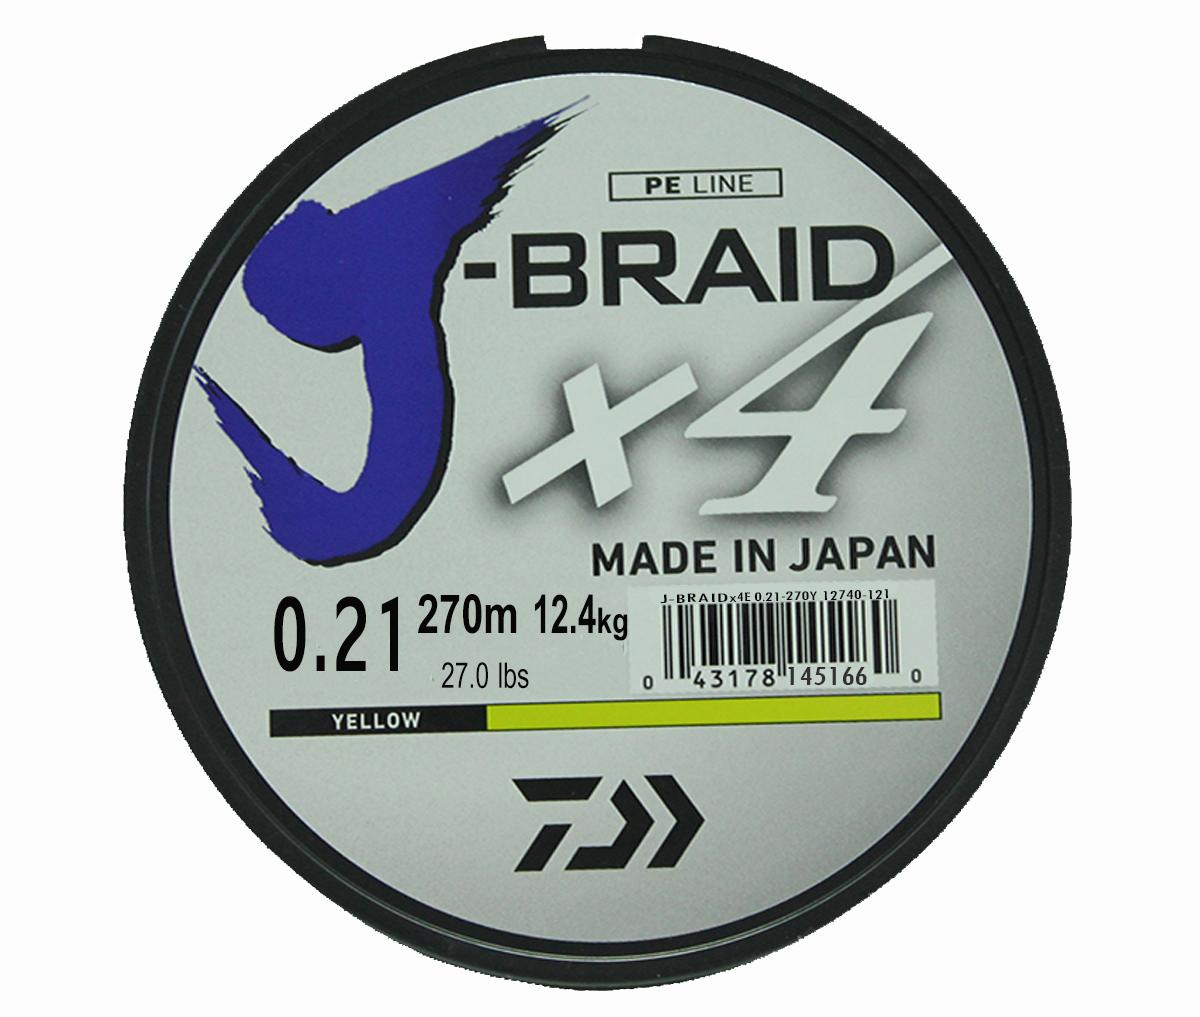 Шнур плетеный Daiwa J-Braid X4, цвет: флуоресцентный желтый, 270 м, 0,21 мм61151Новый 4х жильный шнур J-Braid, DAIWA - шнур высокого класса с удивительным соотношением цены и качества. Качество плетения полностью соответствует японским стандартам и удовлетворяет всем требованиям. Представленные диаметры позволяют использовать шнур для всех техник ловли, начиная от ultra- light ловли окуня, до морской ловли палтуса, трески и т.д